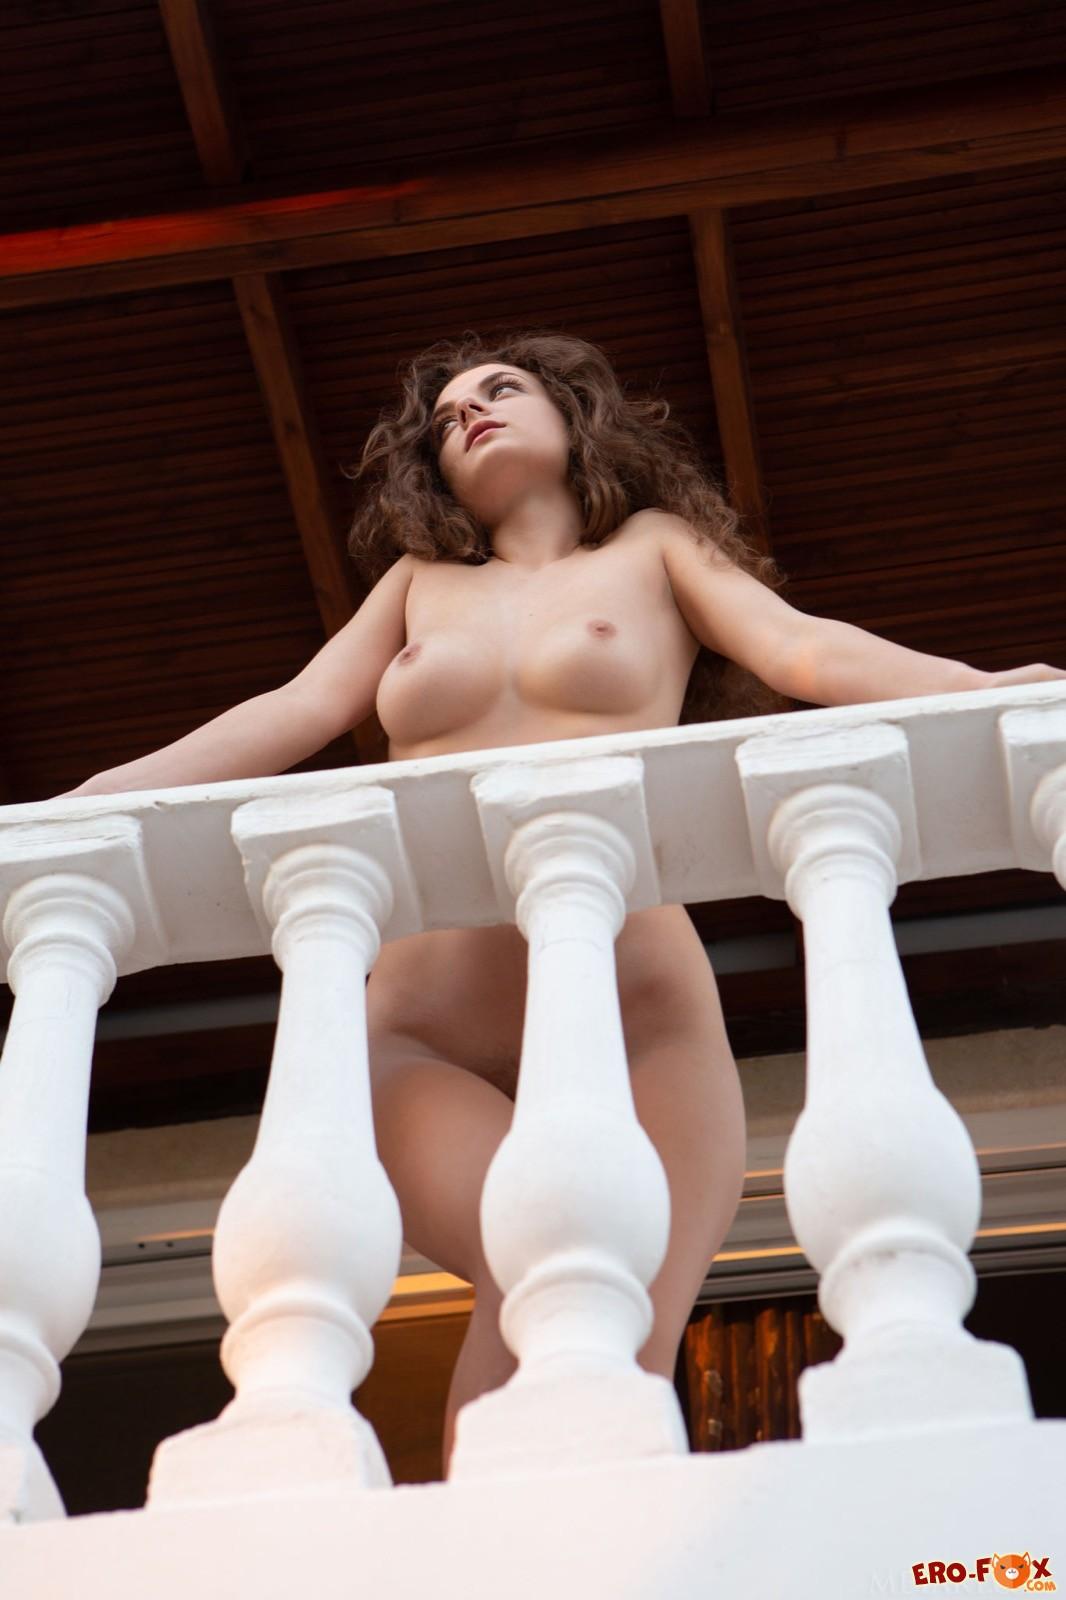 Обаятельная голая девица с волосатым лобком - фото